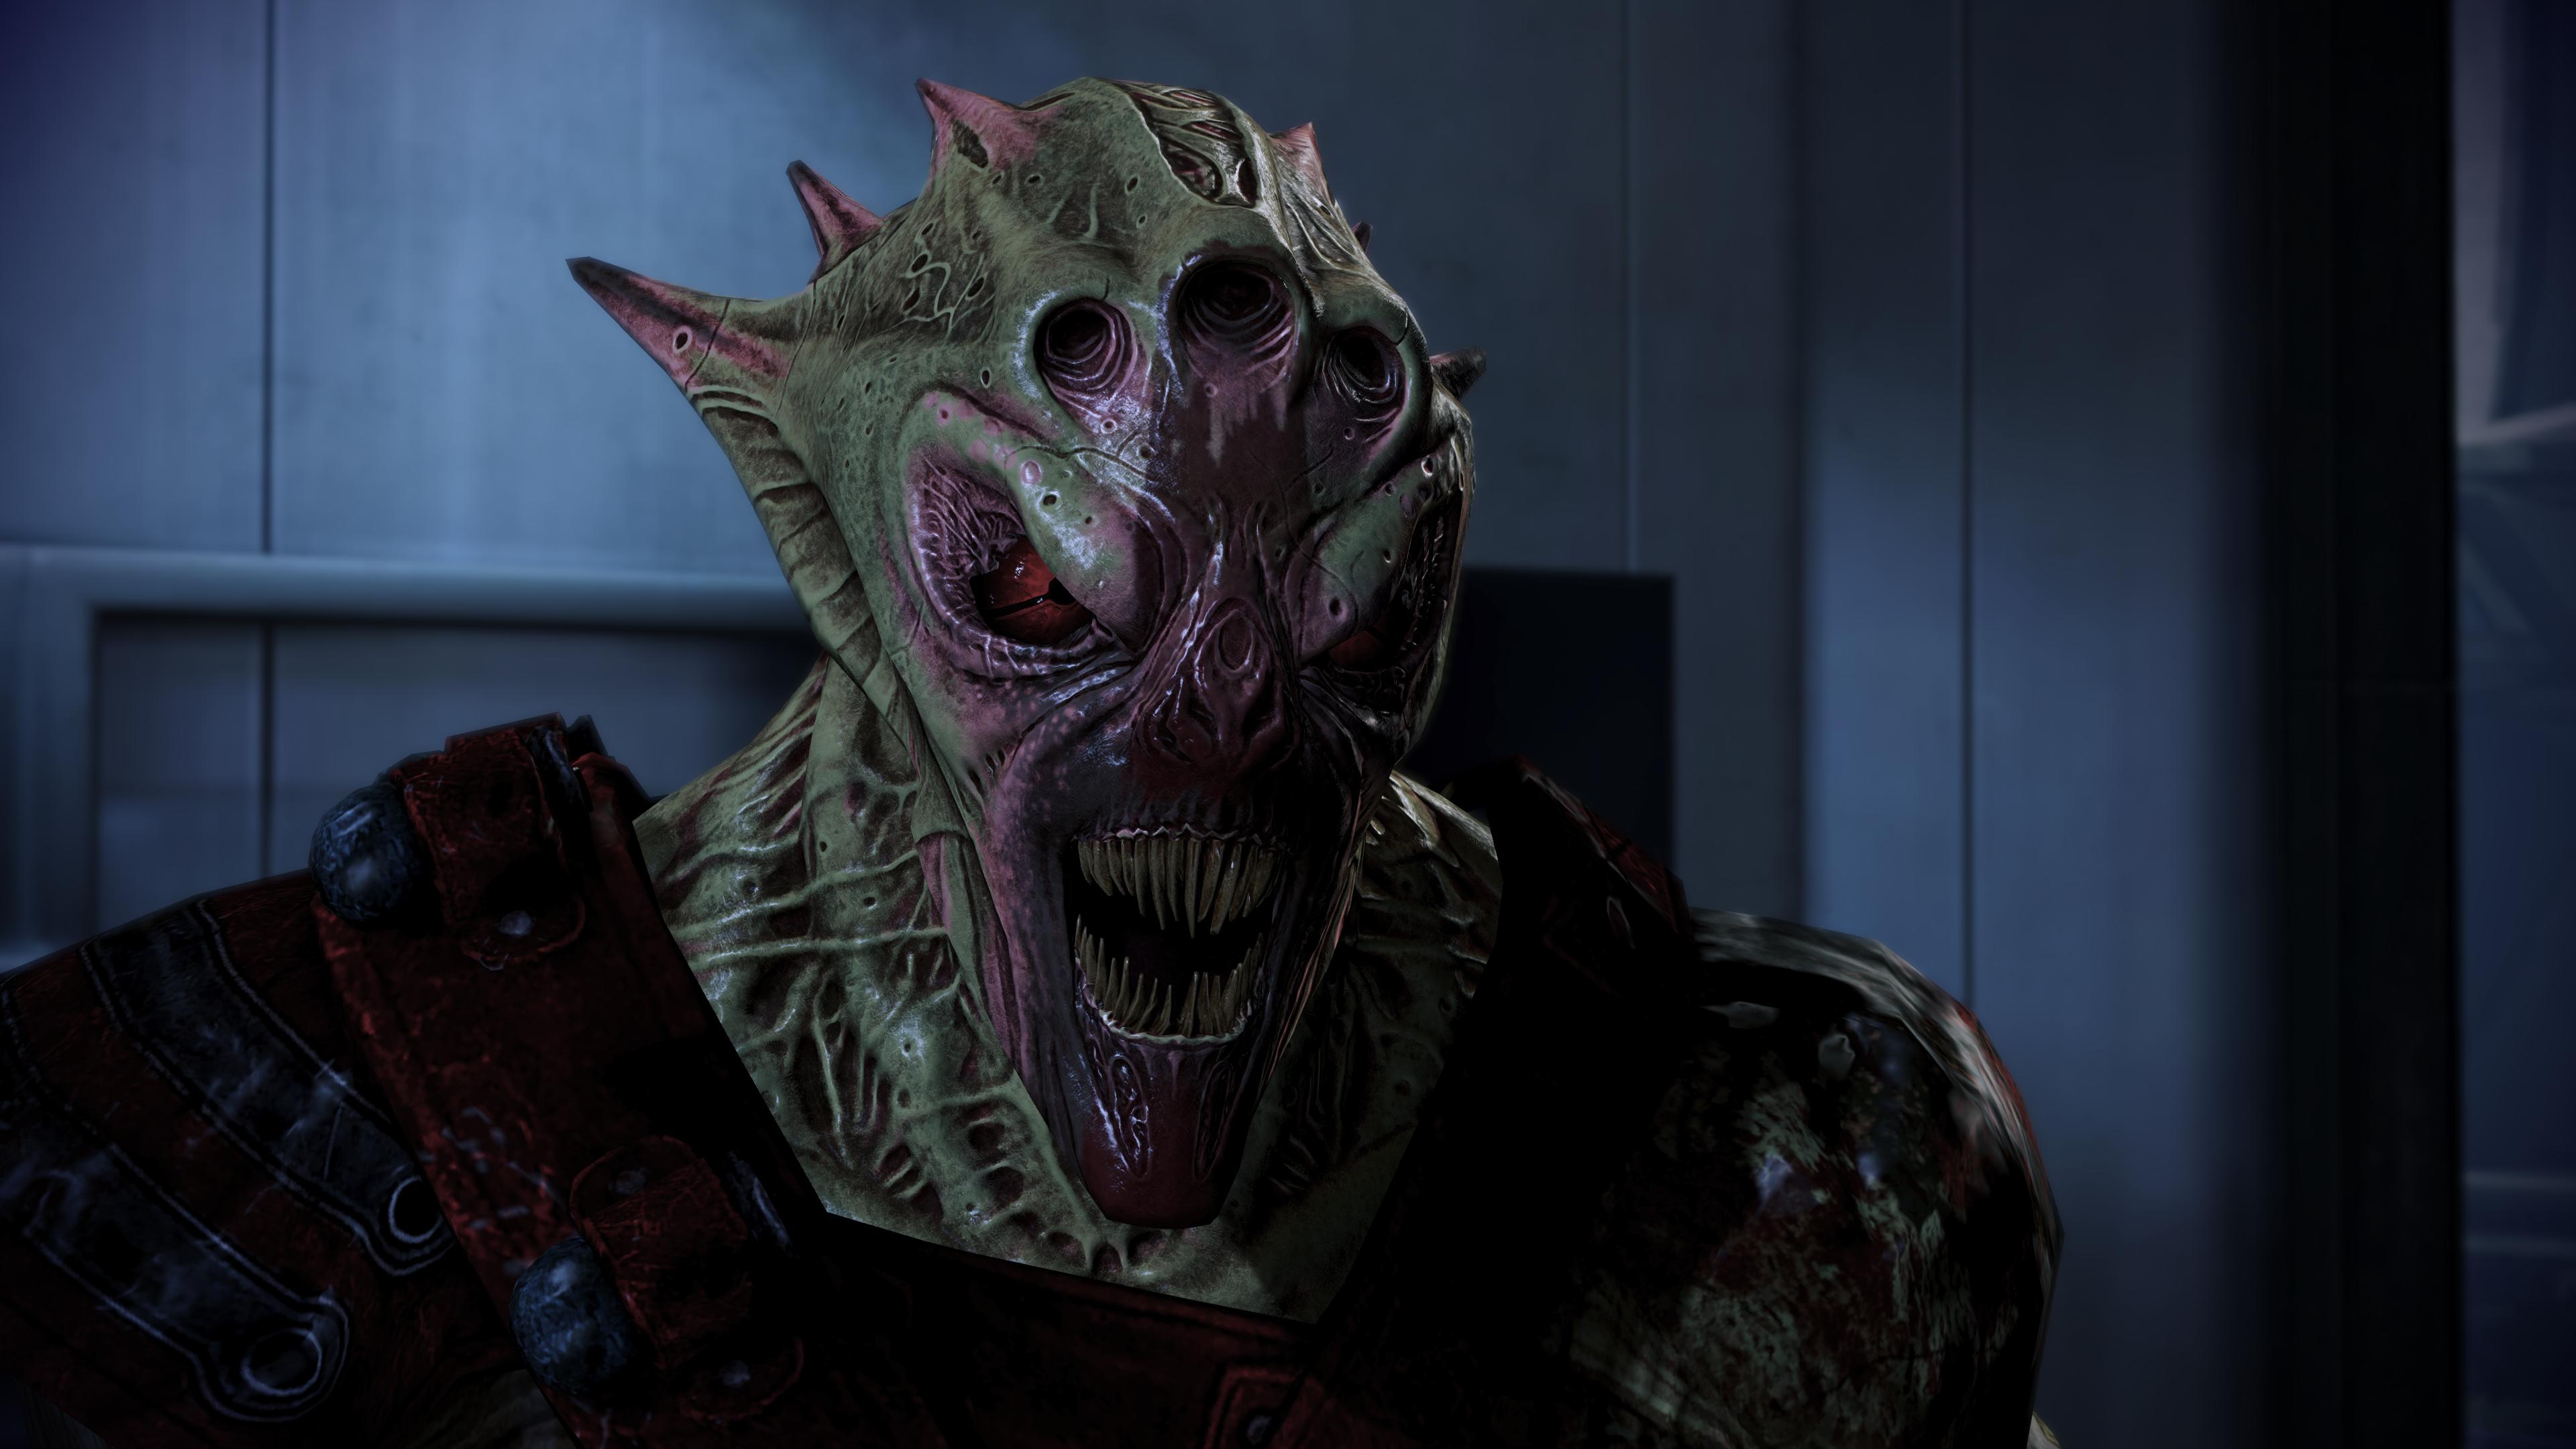 Mass Effect 3 Screenshot 2019.01.28 - 00.23.31.38.png - Mass Effect 3